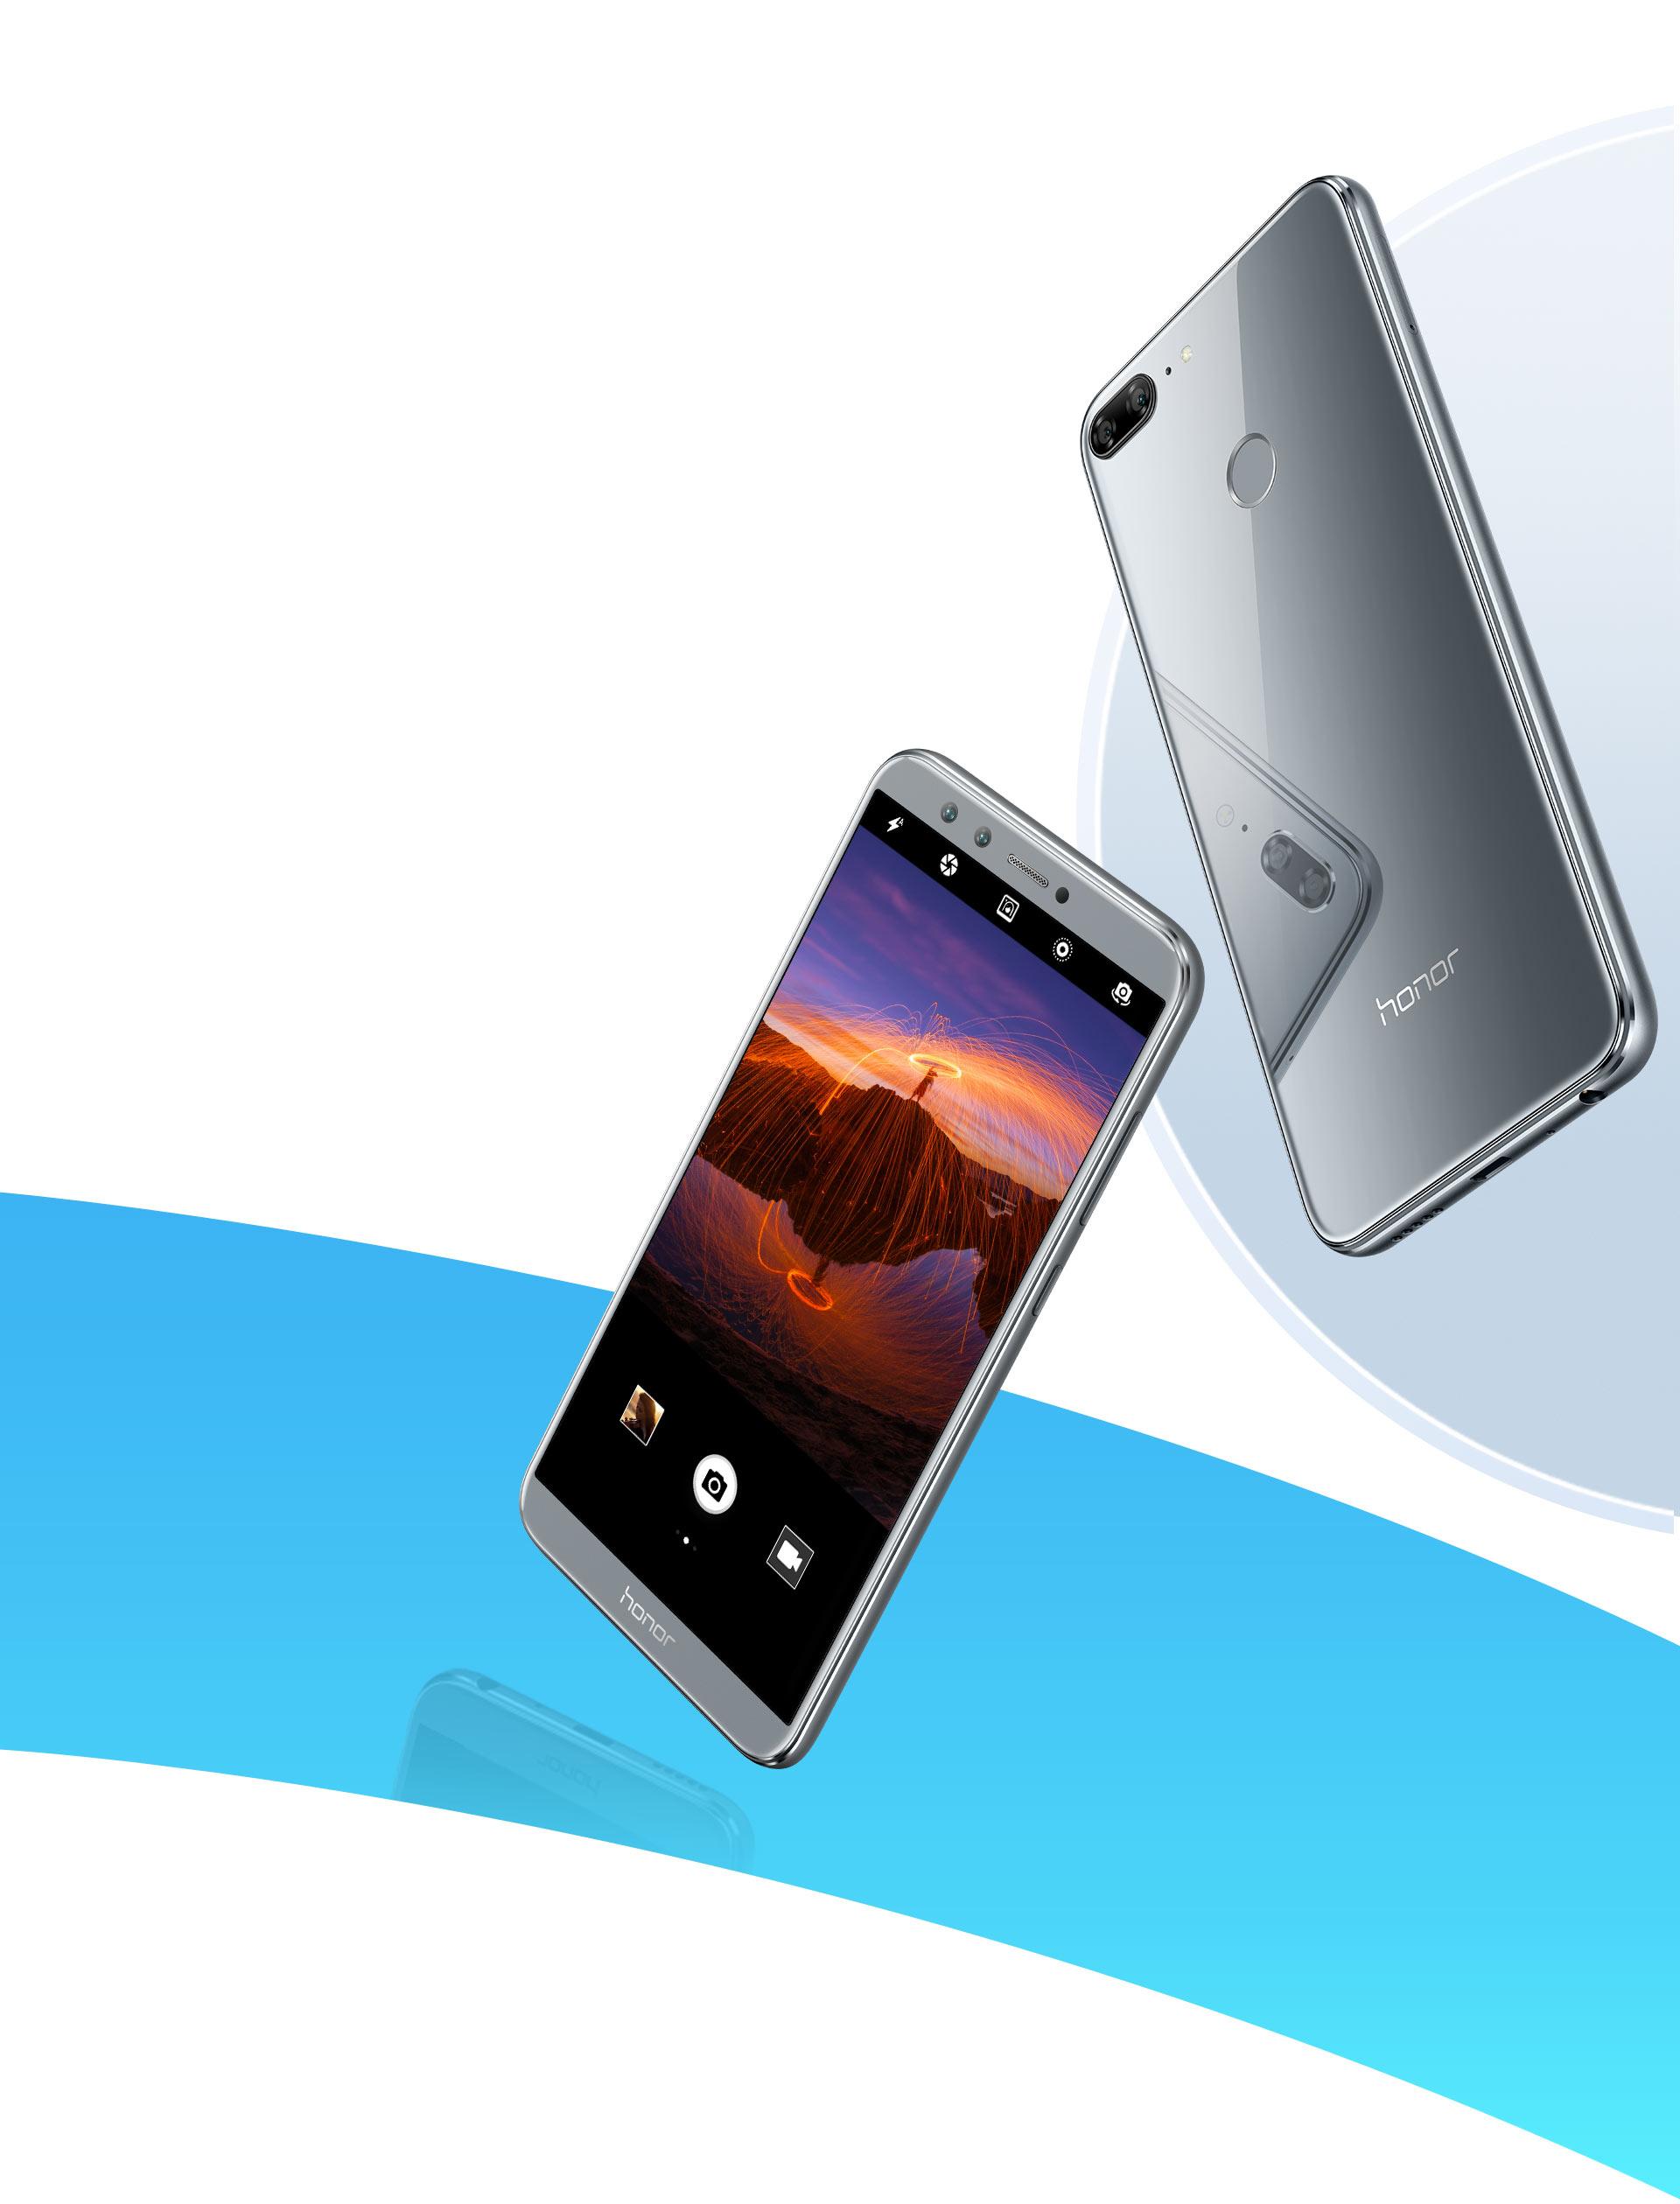 Honor 9 Lite 3GB/32GB